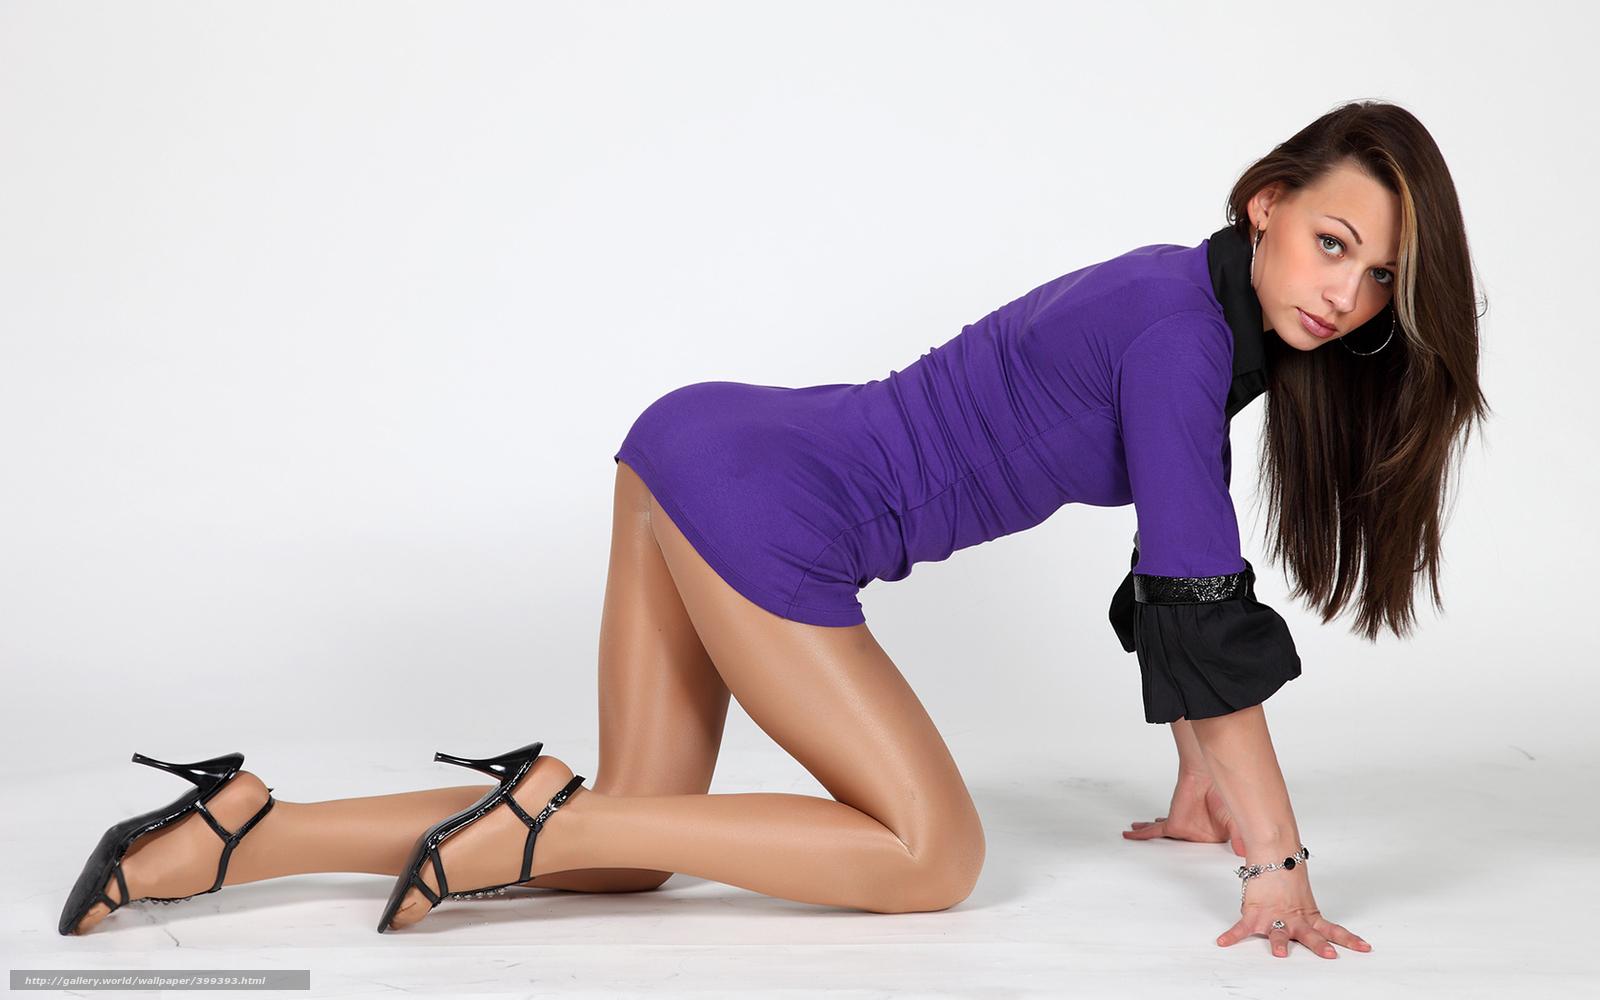 Фото девушек в платьях и телесных колготках 22 фотография